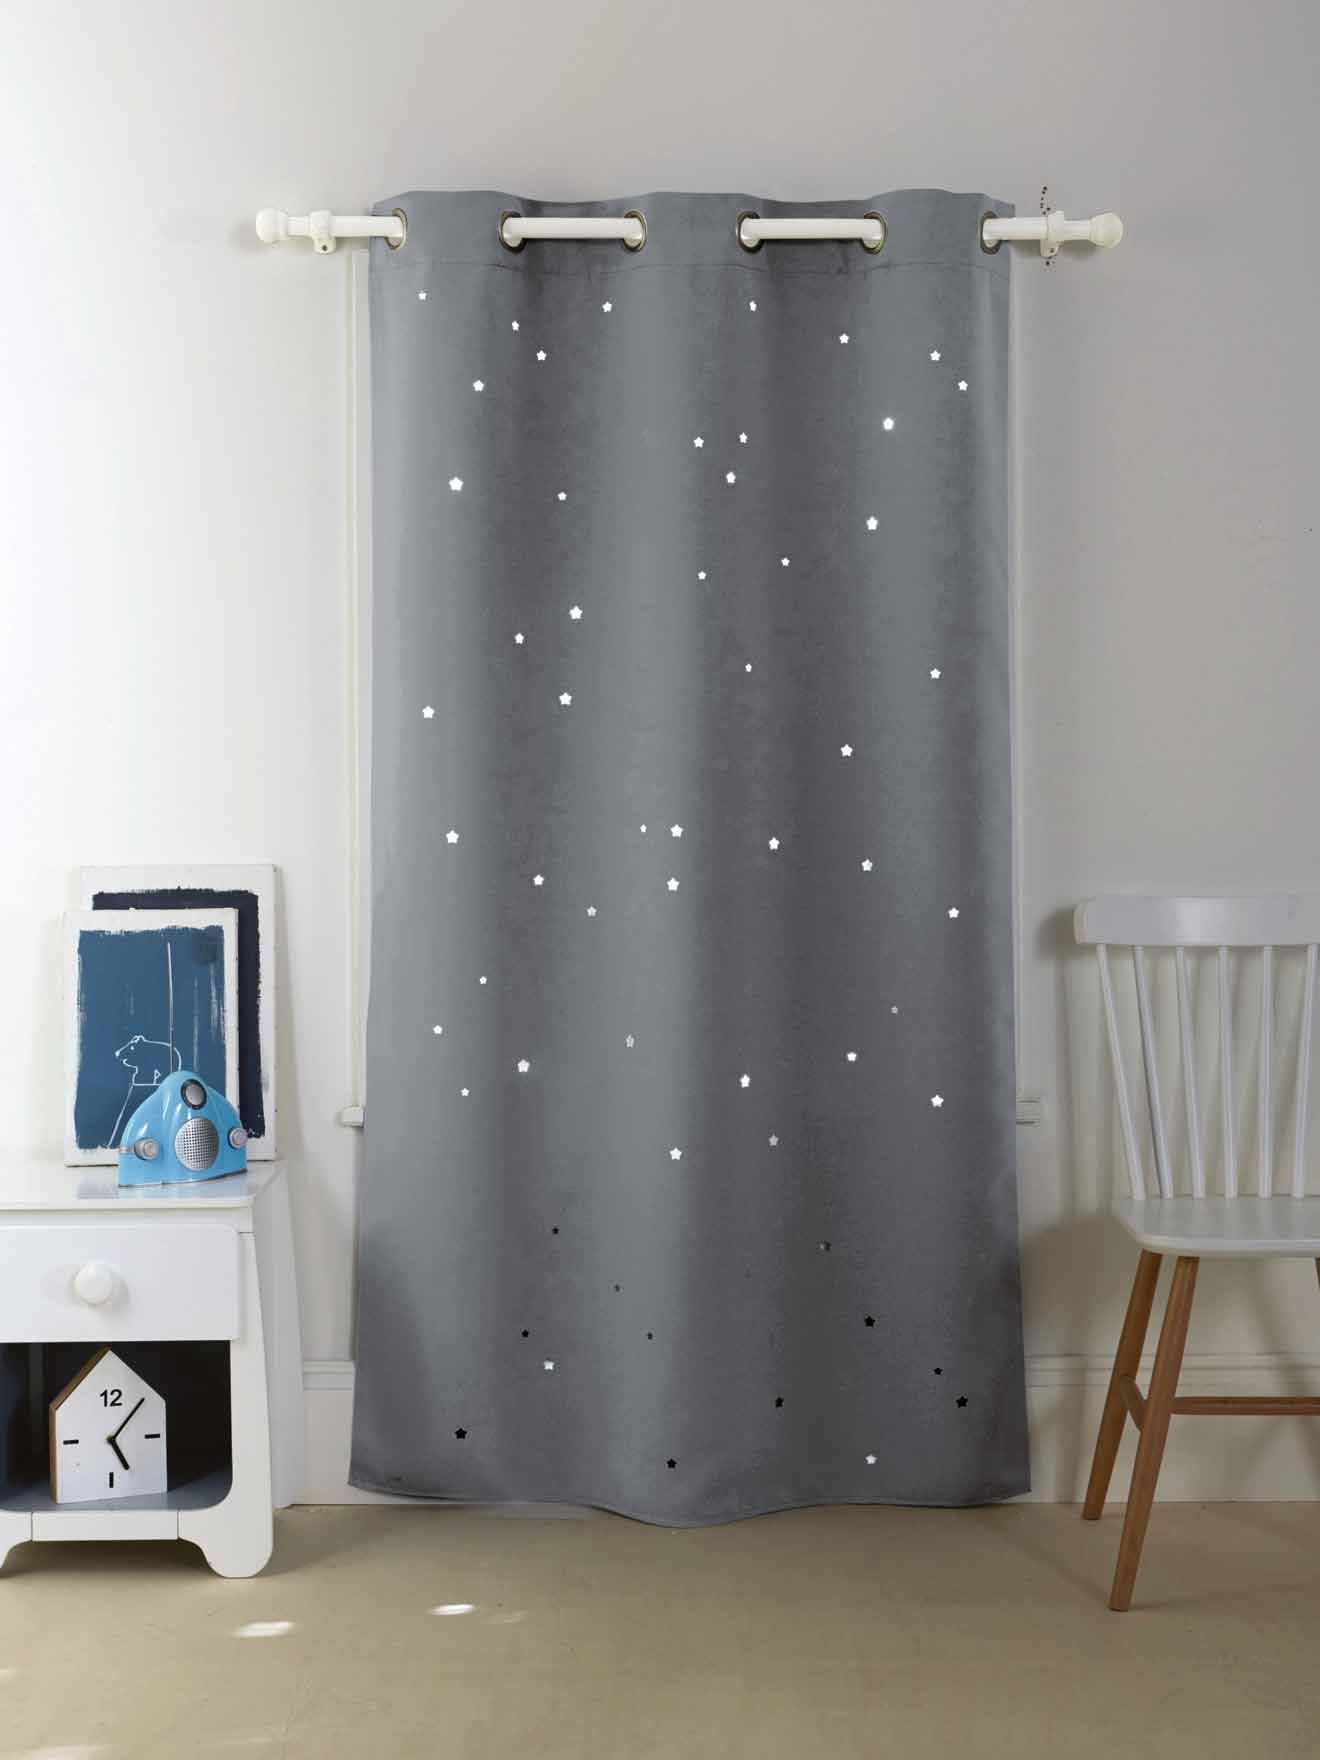 Kinderzimmer sterne blau  Vertbaudet Verdunkelungsvorhang mit ausgestanzten Sternen in blau